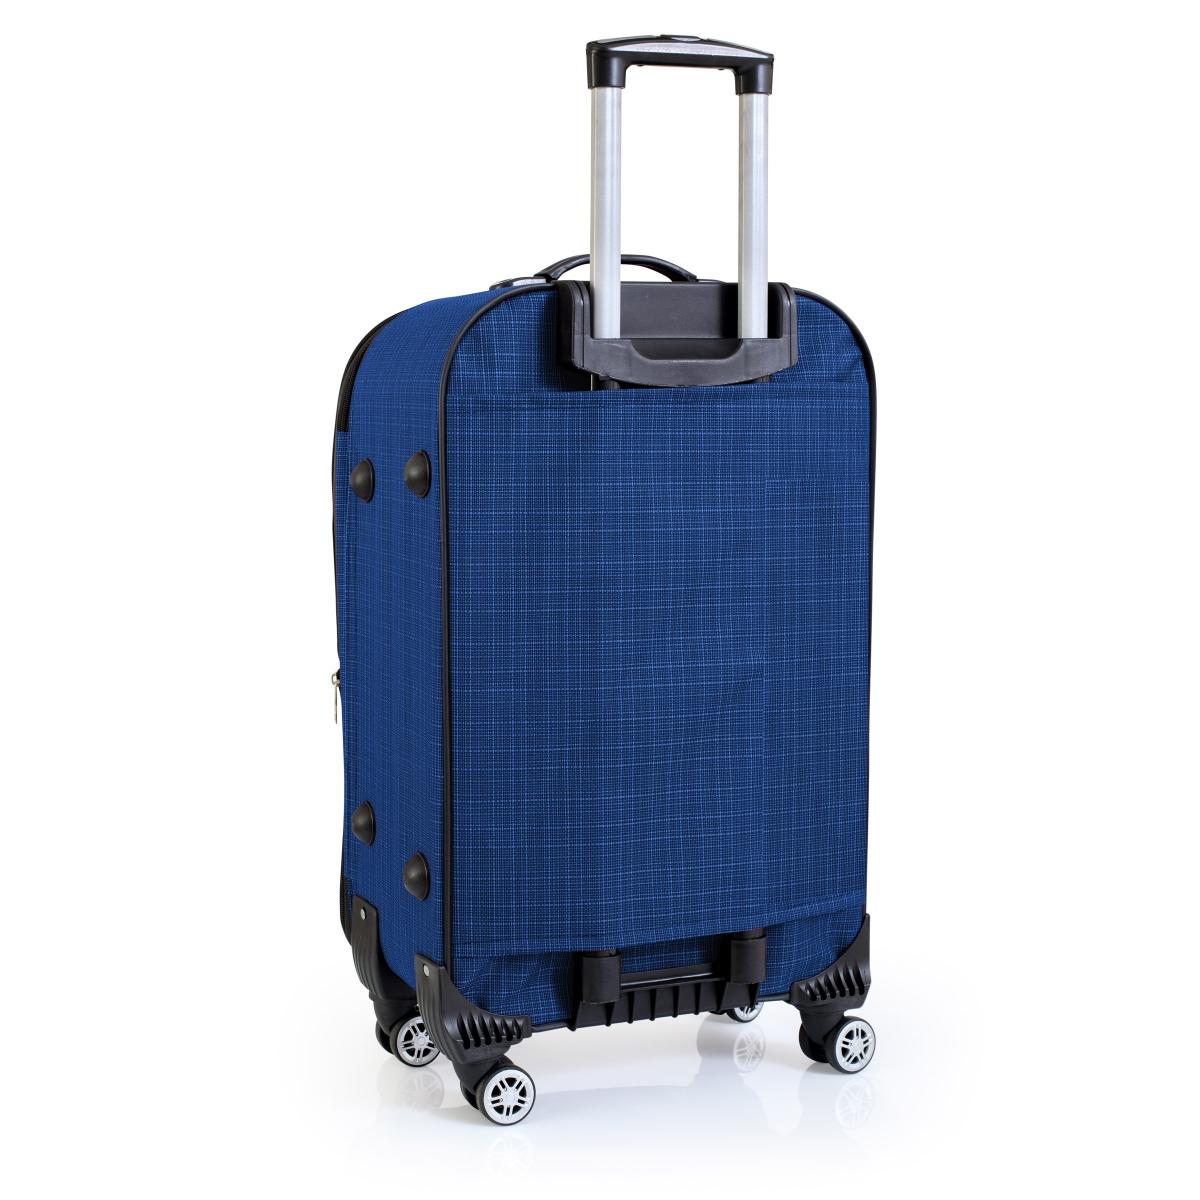 Gedox 4 Teker Geniş Kasa Havlu Kumaş 3'lü Valiz Seyahat Seti - Model: 1000.05 Çivit Mavi